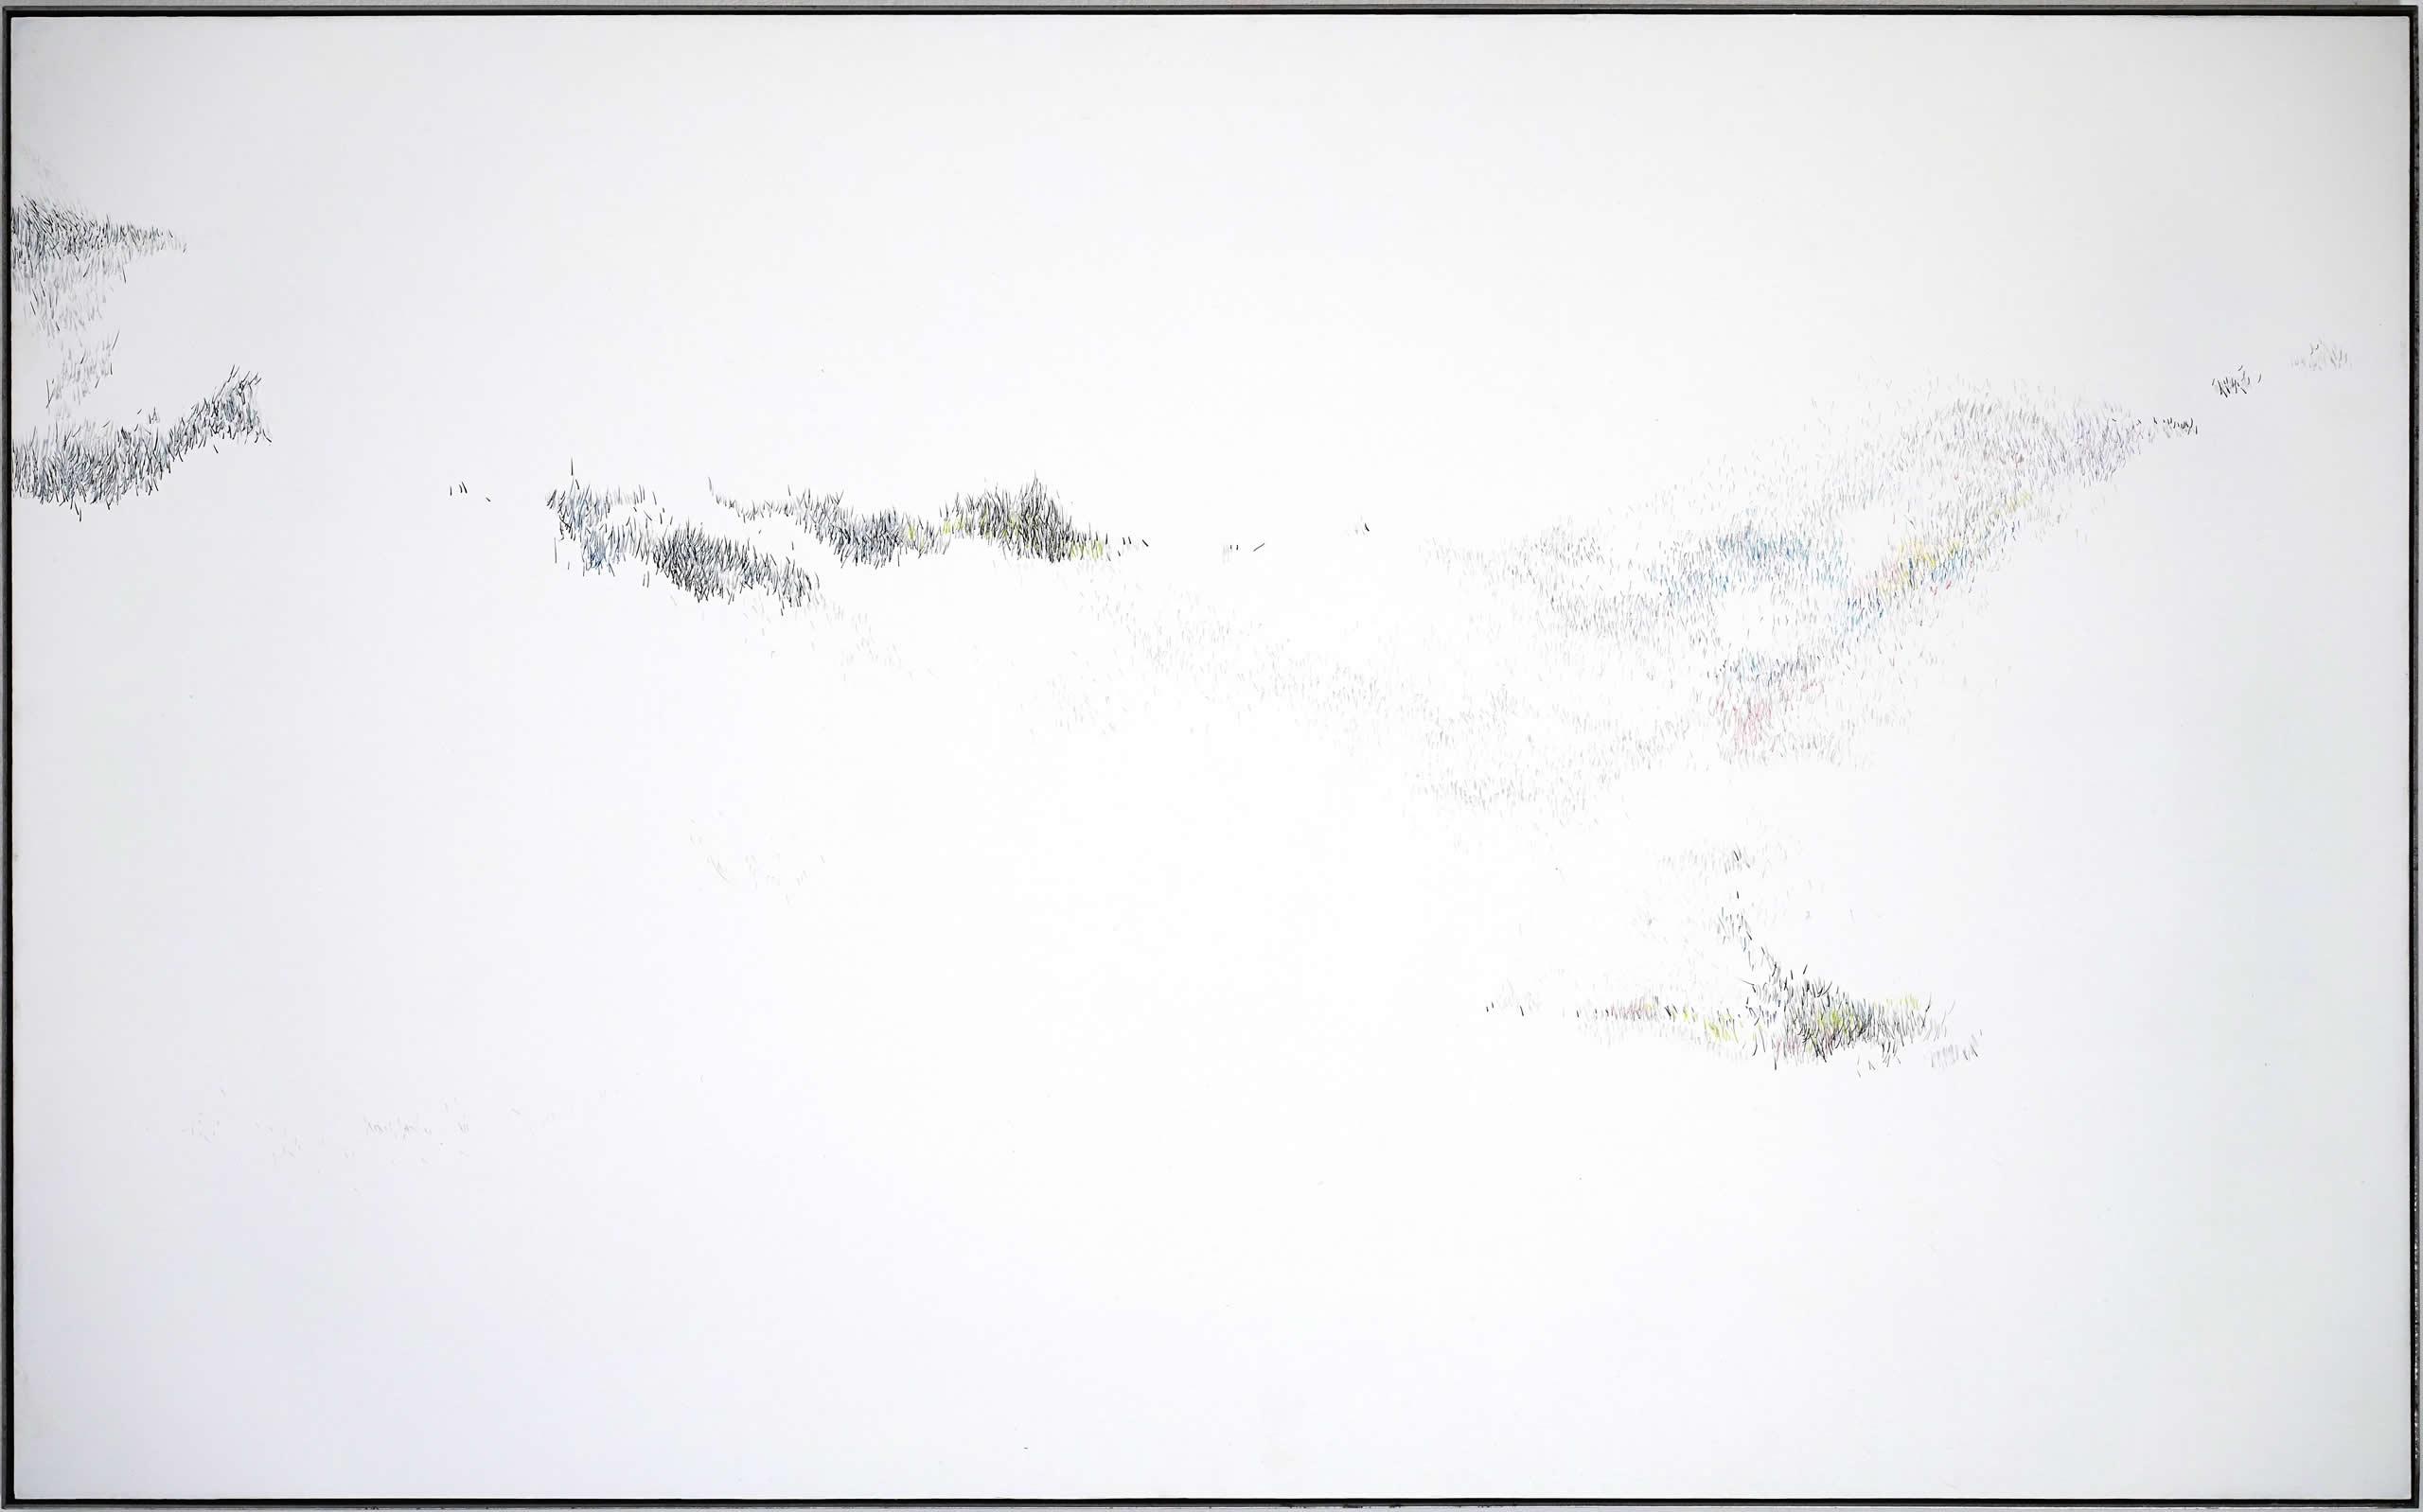 Linda Berger | Fact35 | Strichwelten & Luftkörper | 2019-11 | Galerie3